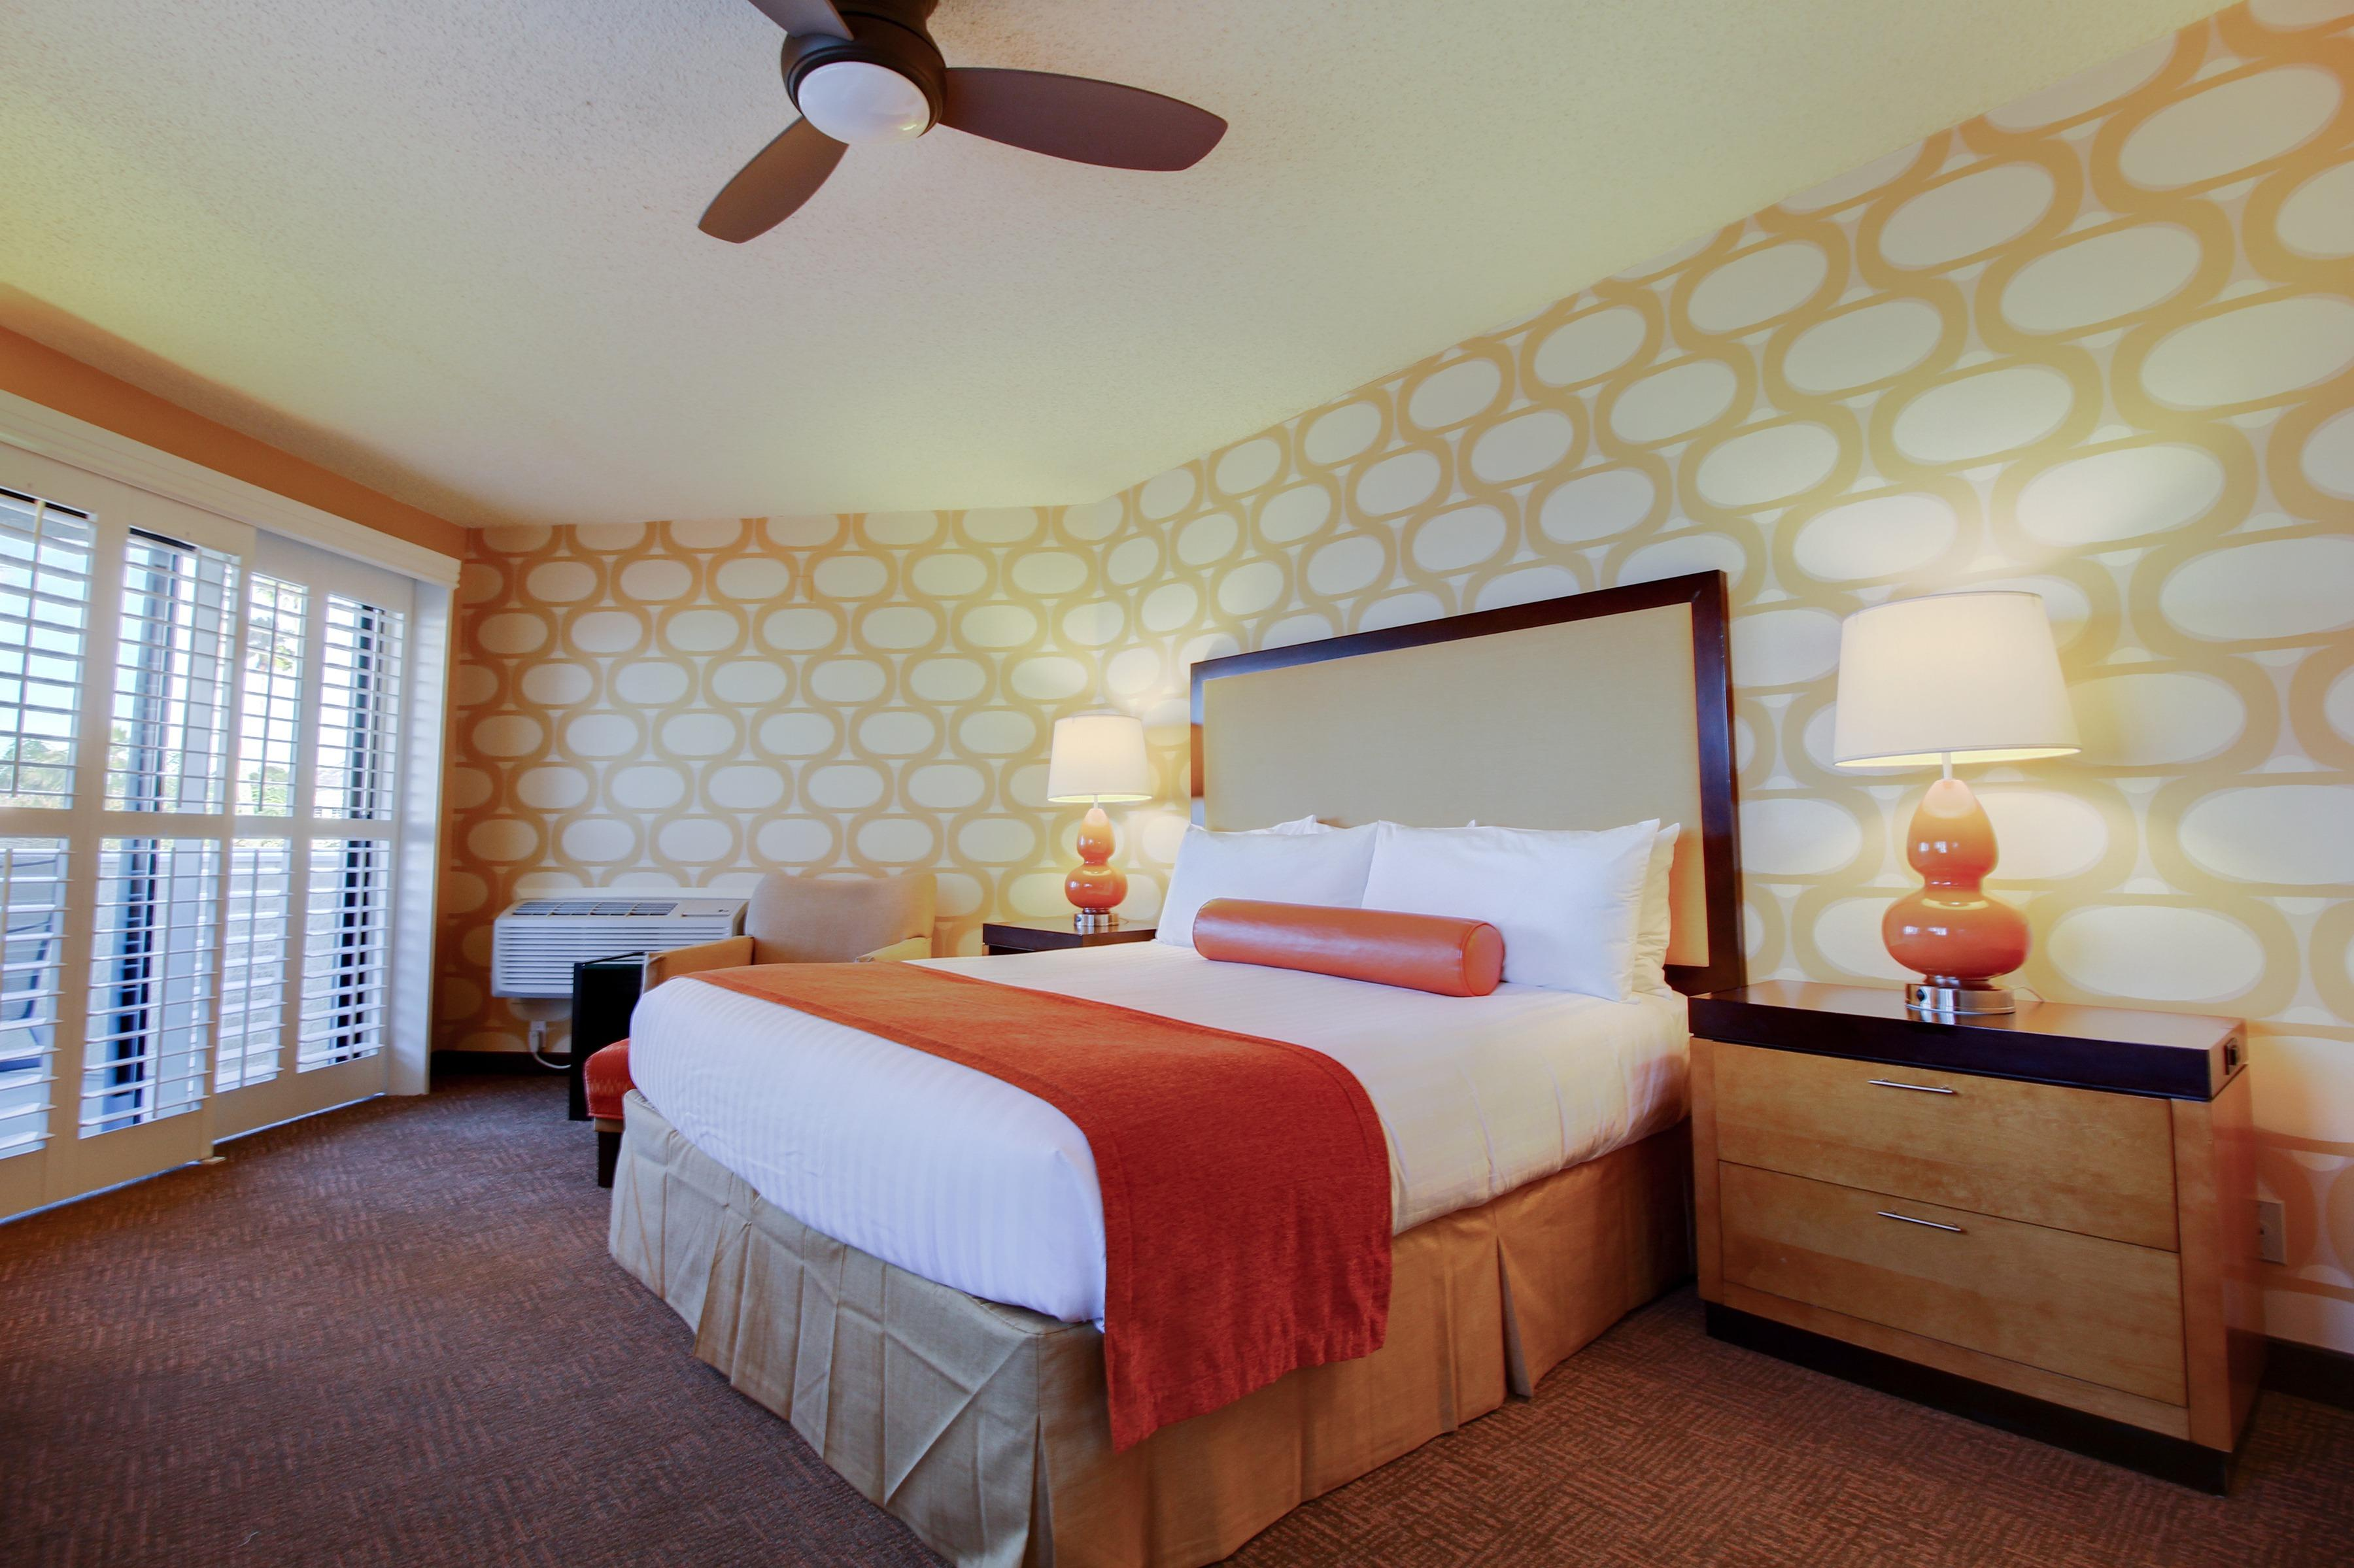 SeaCrest OceanFront Hotel image 2